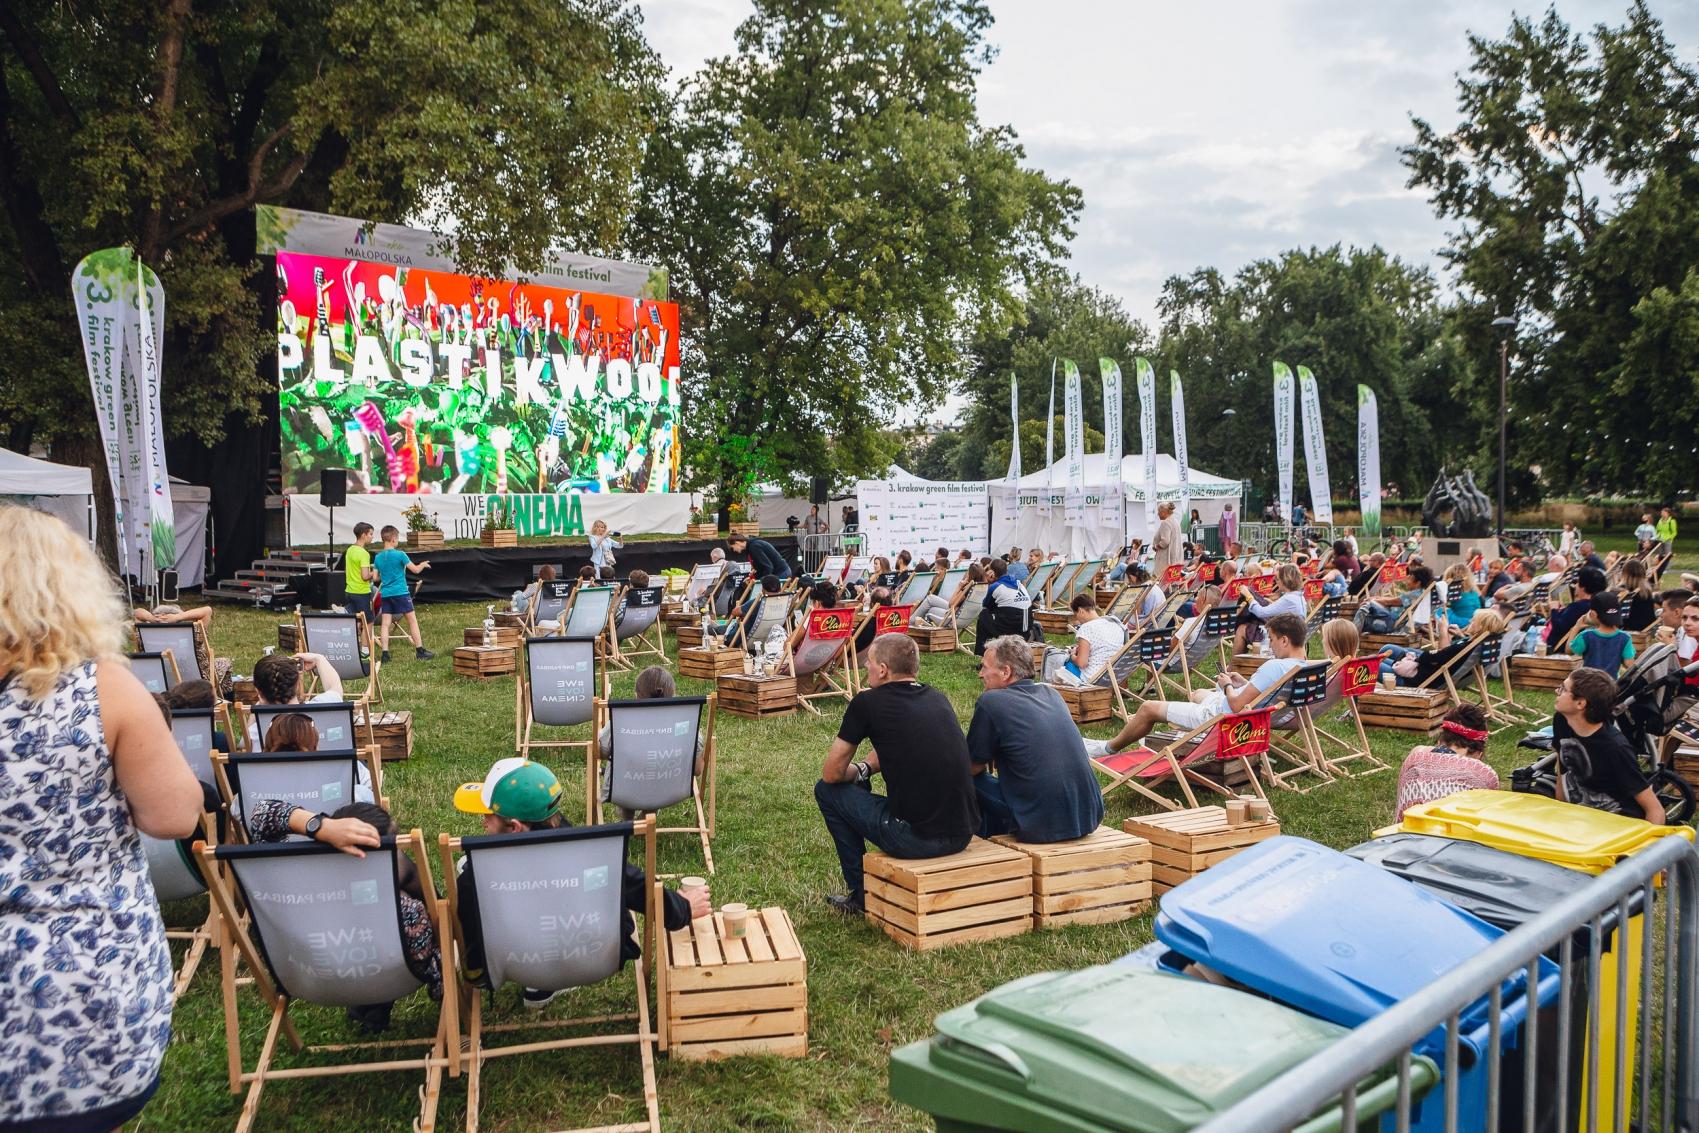 4. BNP Paribas Green Film Festival - znamy szczegóły! Wyjątkowe filmowe wydarzenie już w sierpniu!